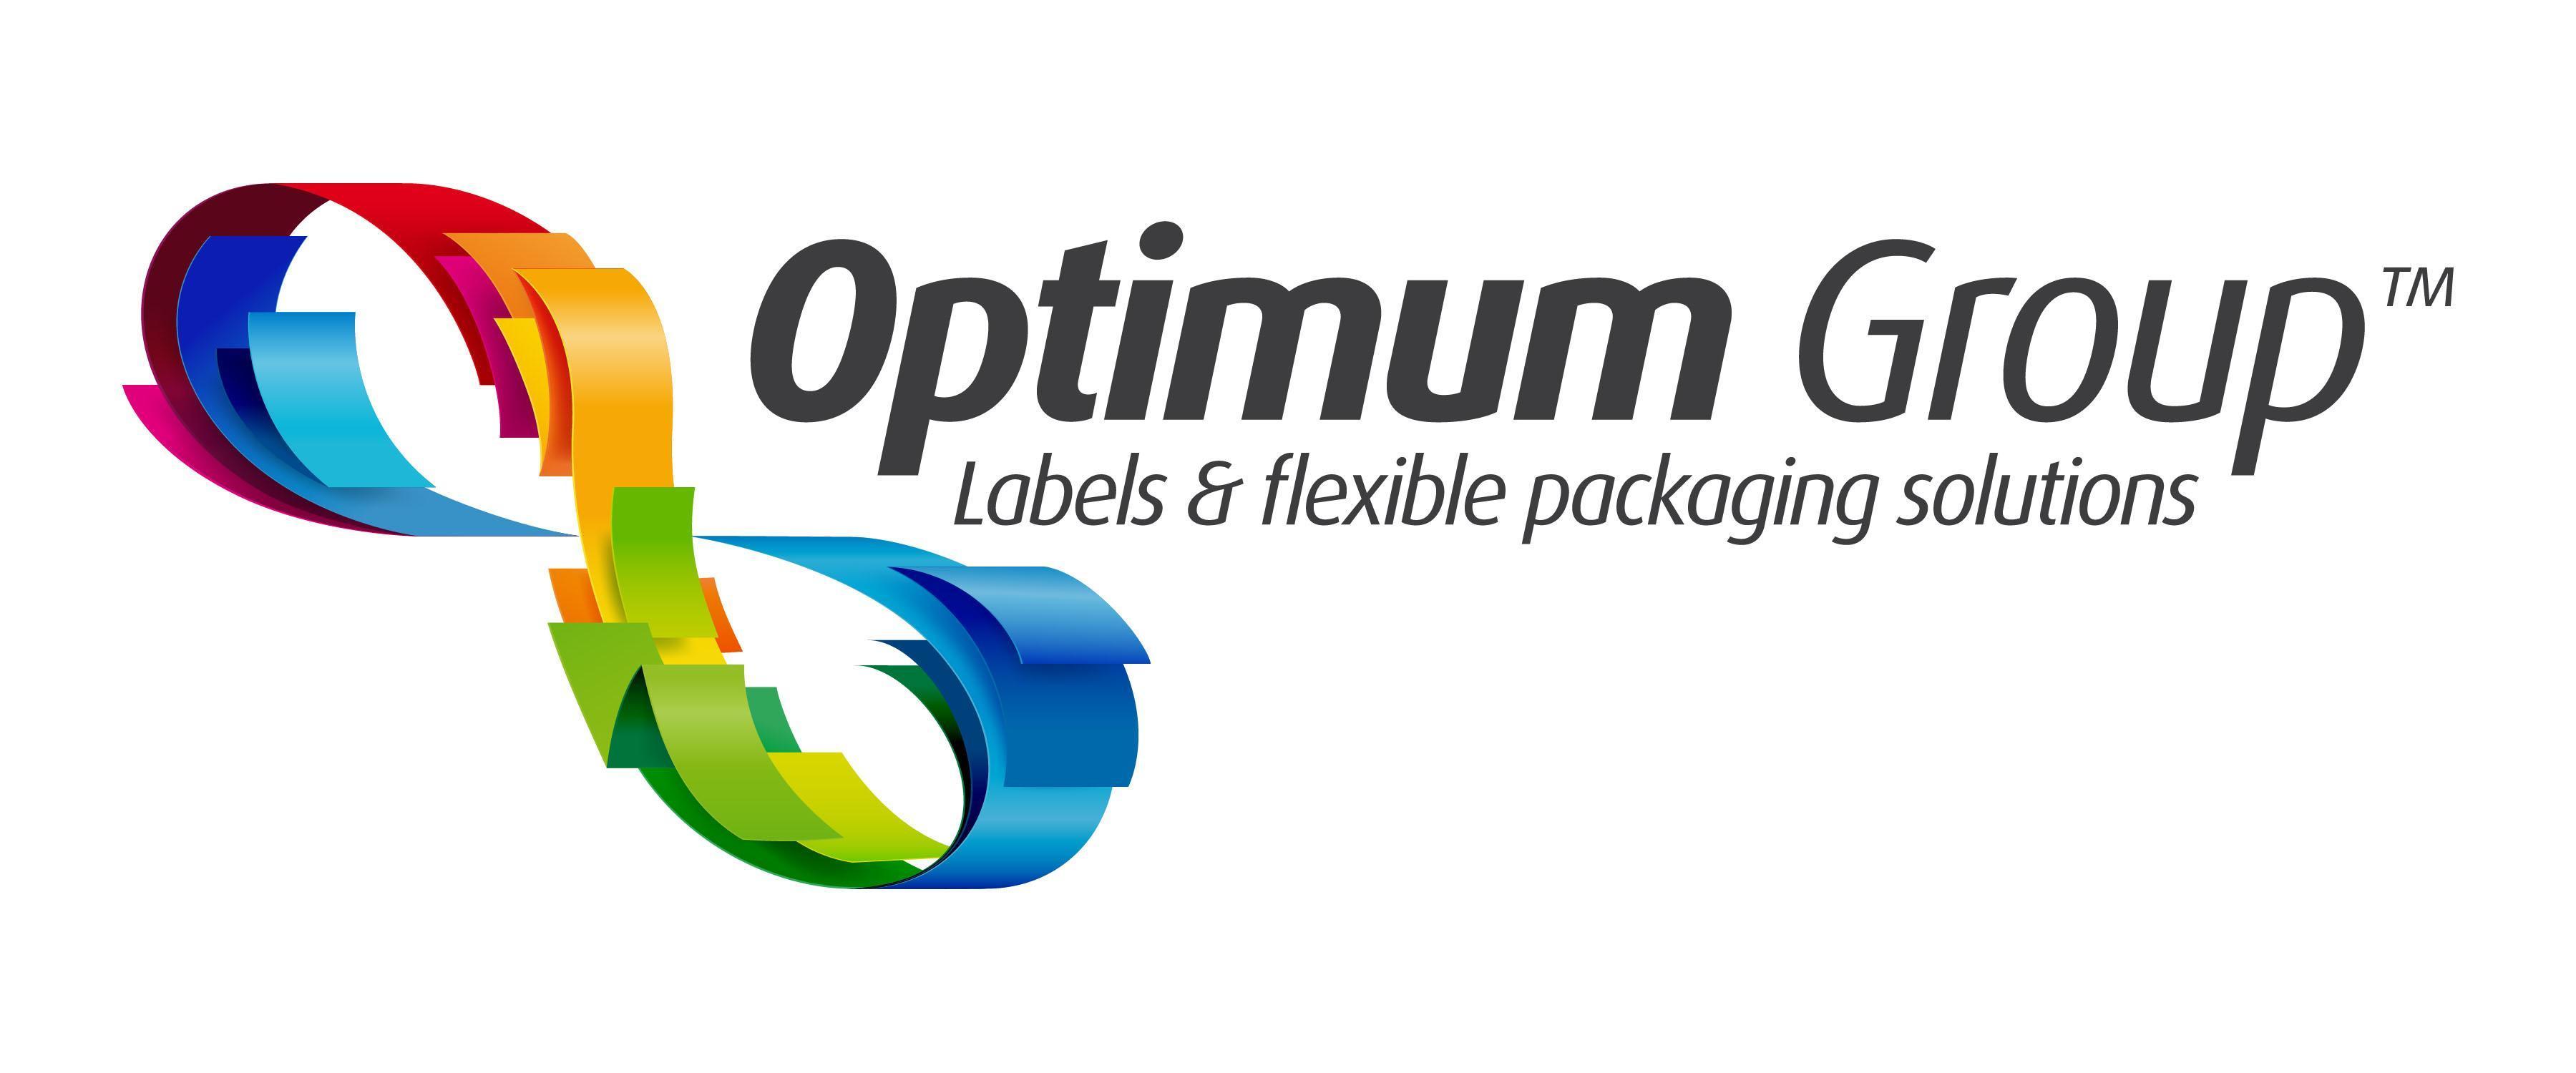 Optimum Group company logo